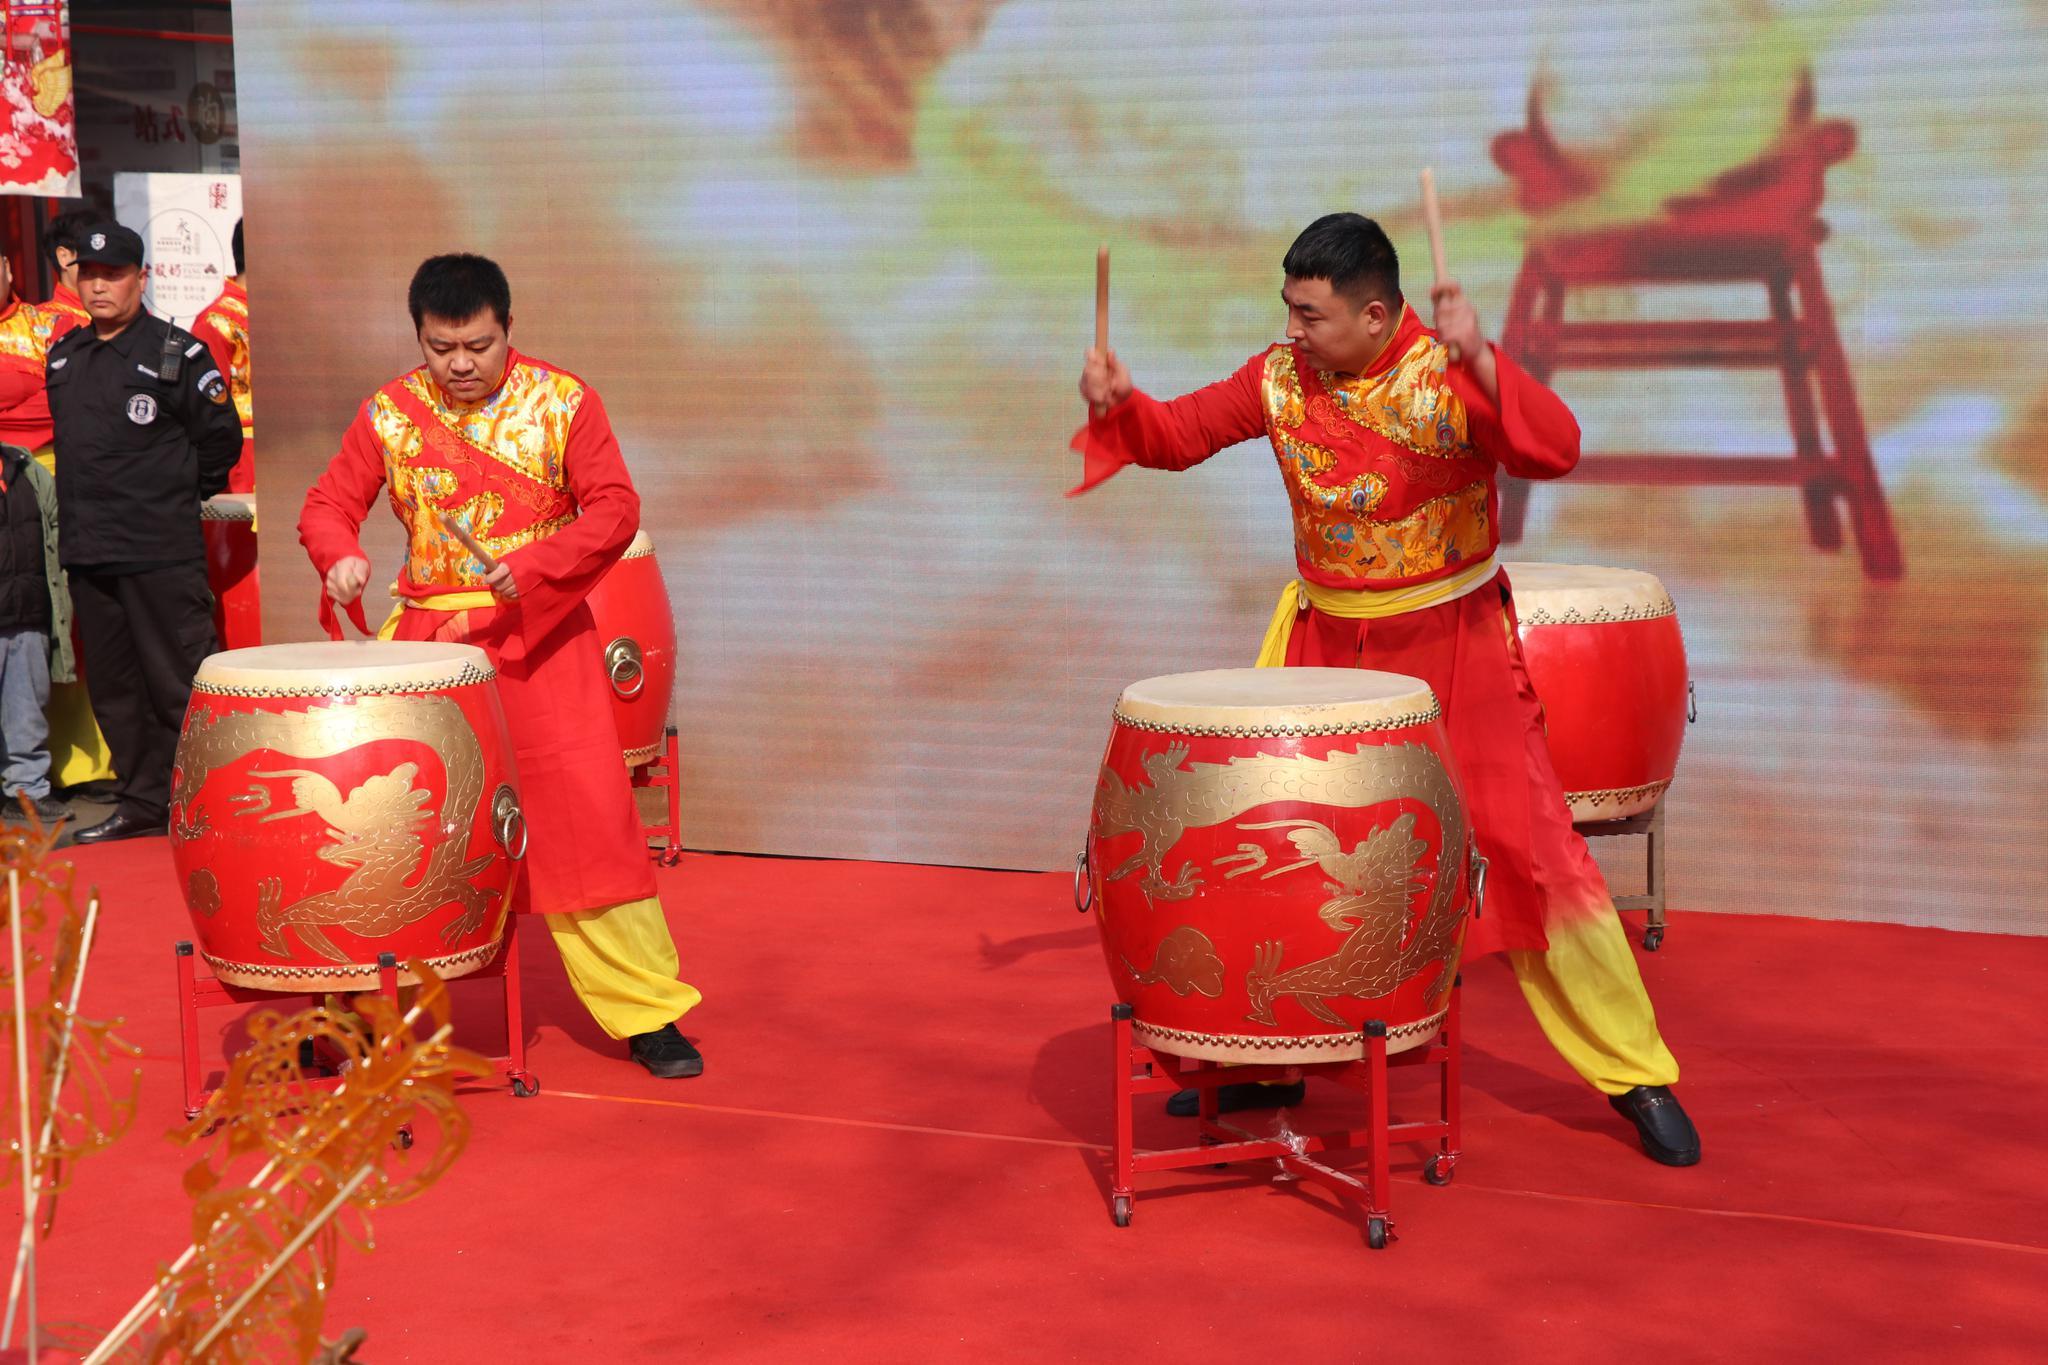 赏民俗·品非遗  鼓乐盛世中国年